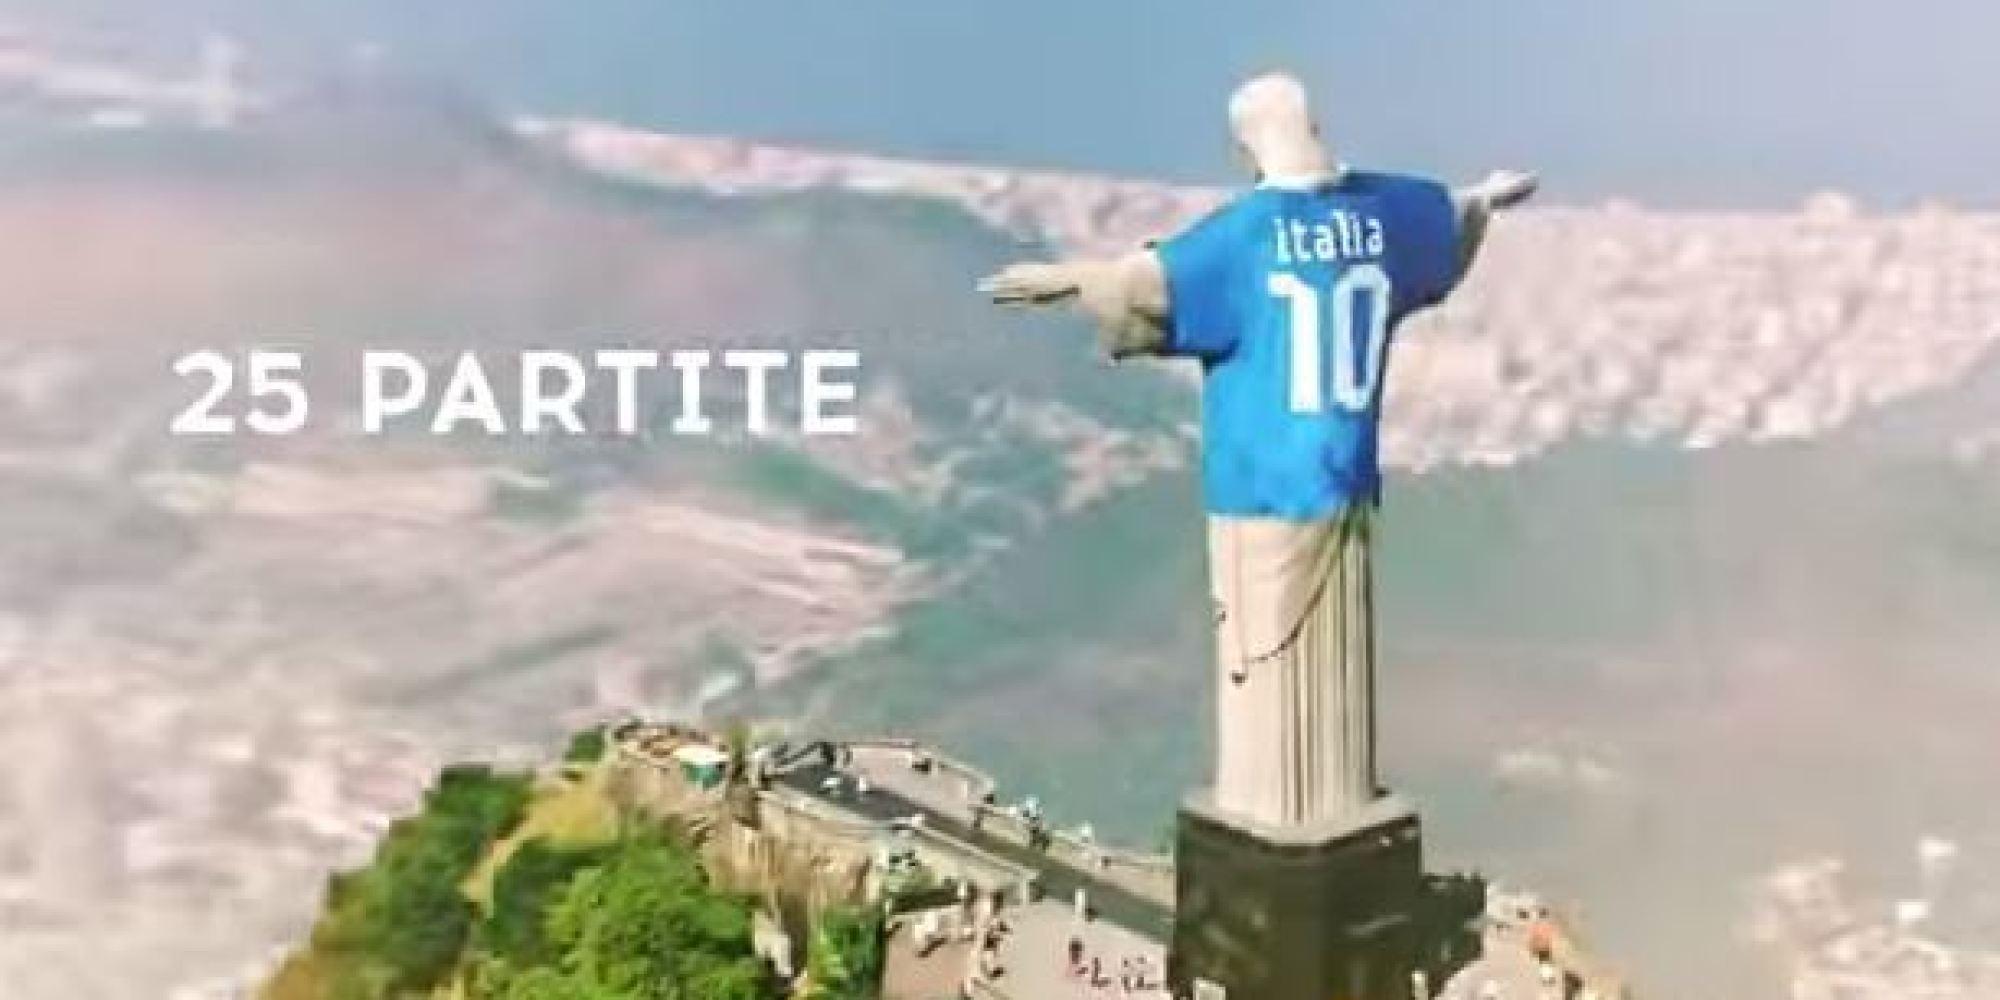 Cristo Redentore con la maglia dell'Italia, l'arcidiocesi di Rio pronta a chiedere 7 milioni di euro alla Rai